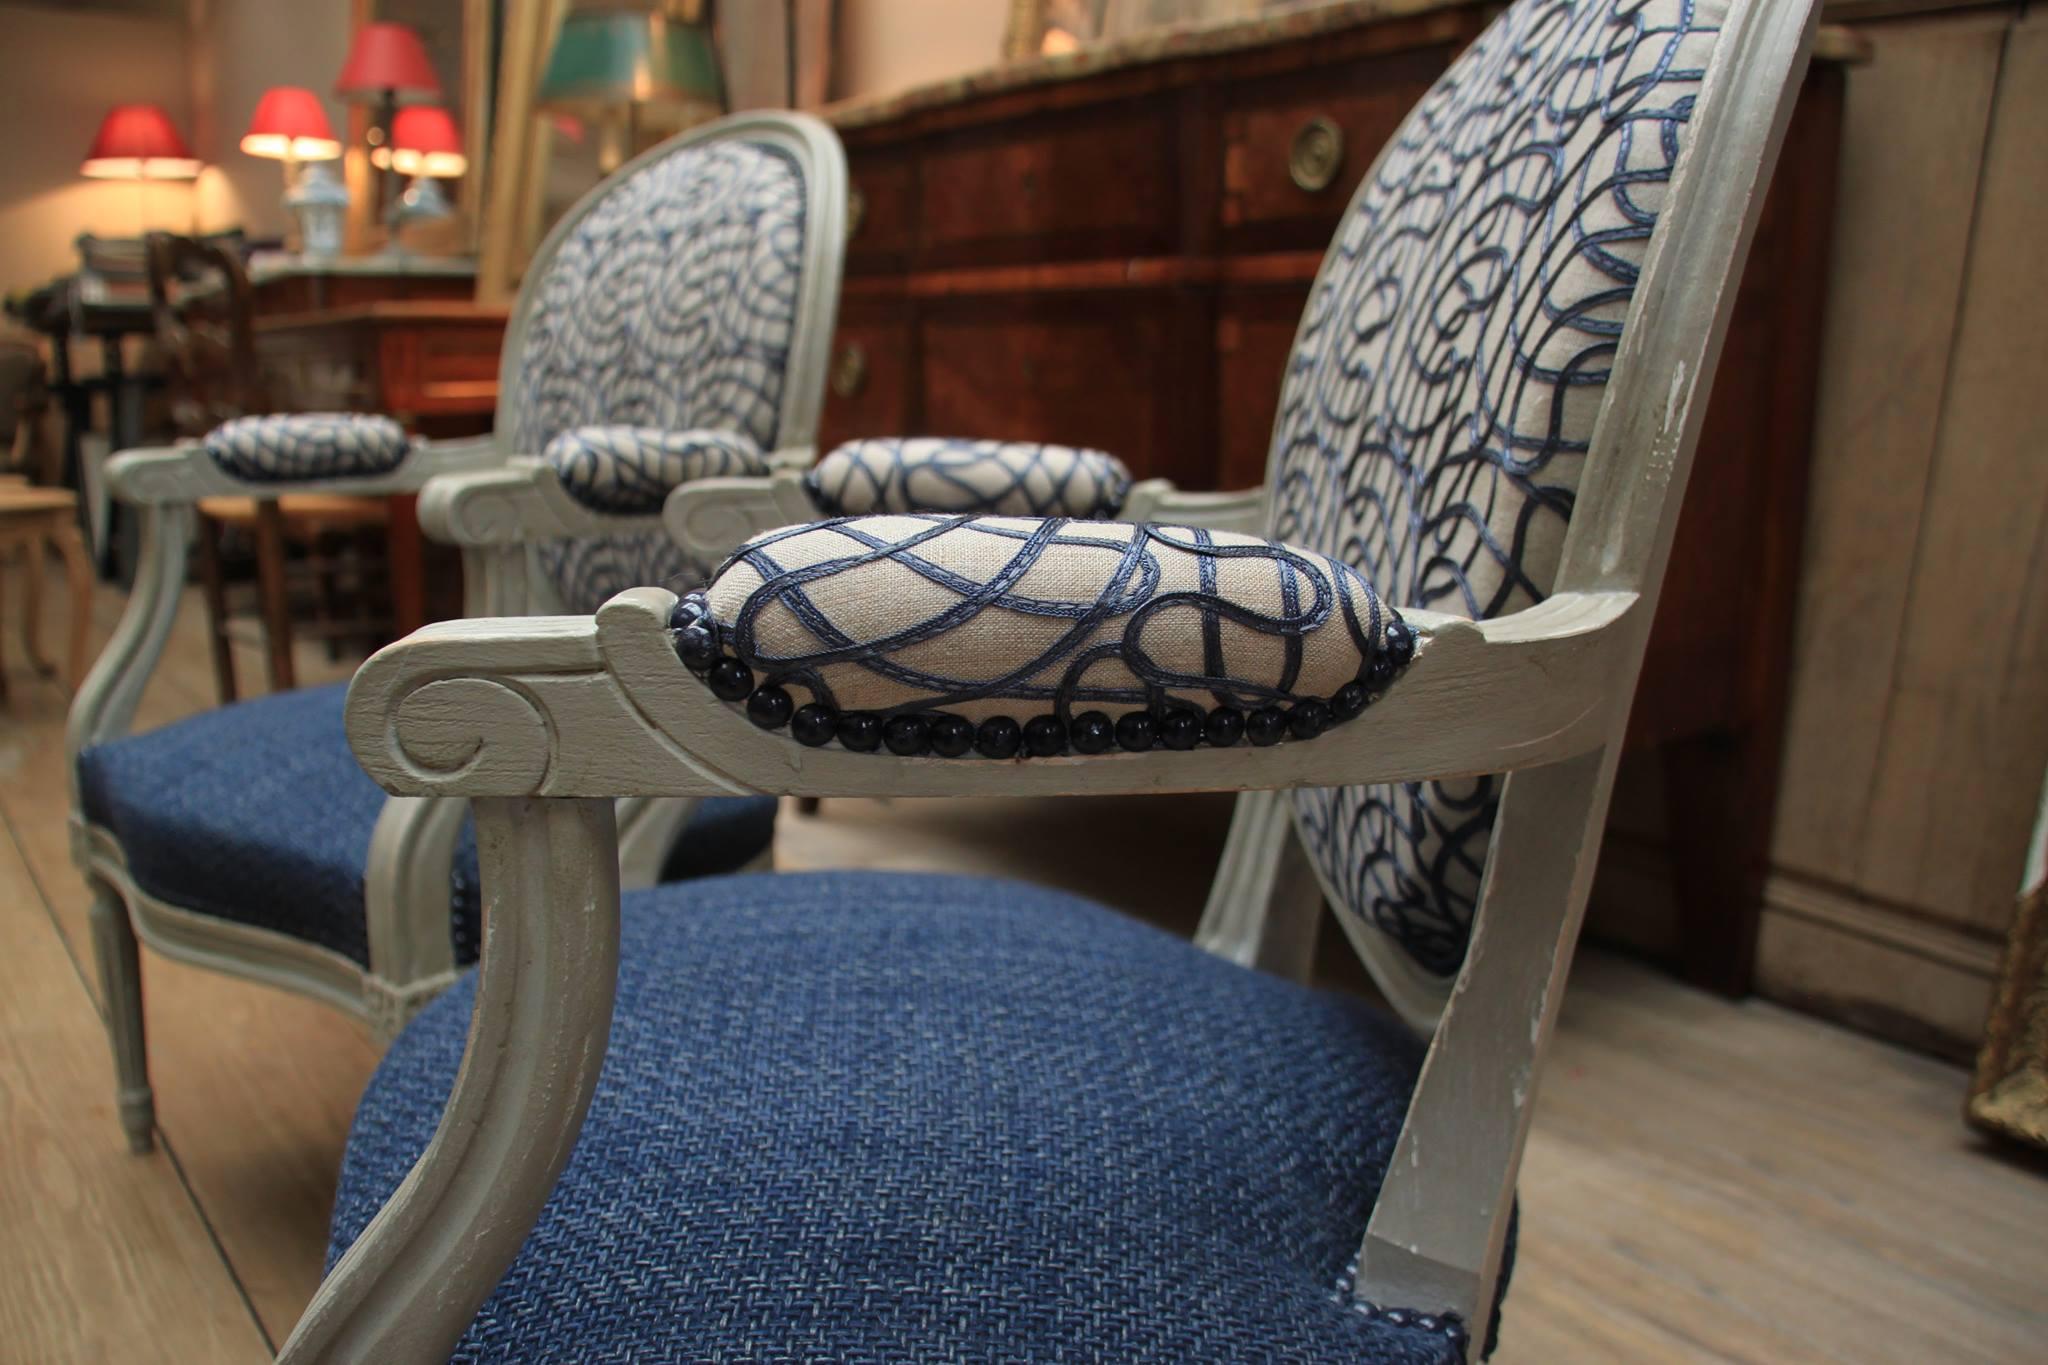 depuis plus de 20 ans paille coco met au service de ses clients son exprience et son savoir faire du garnissage de fauteuils aux ttes de lit en passant - Tapissier Fauteuil